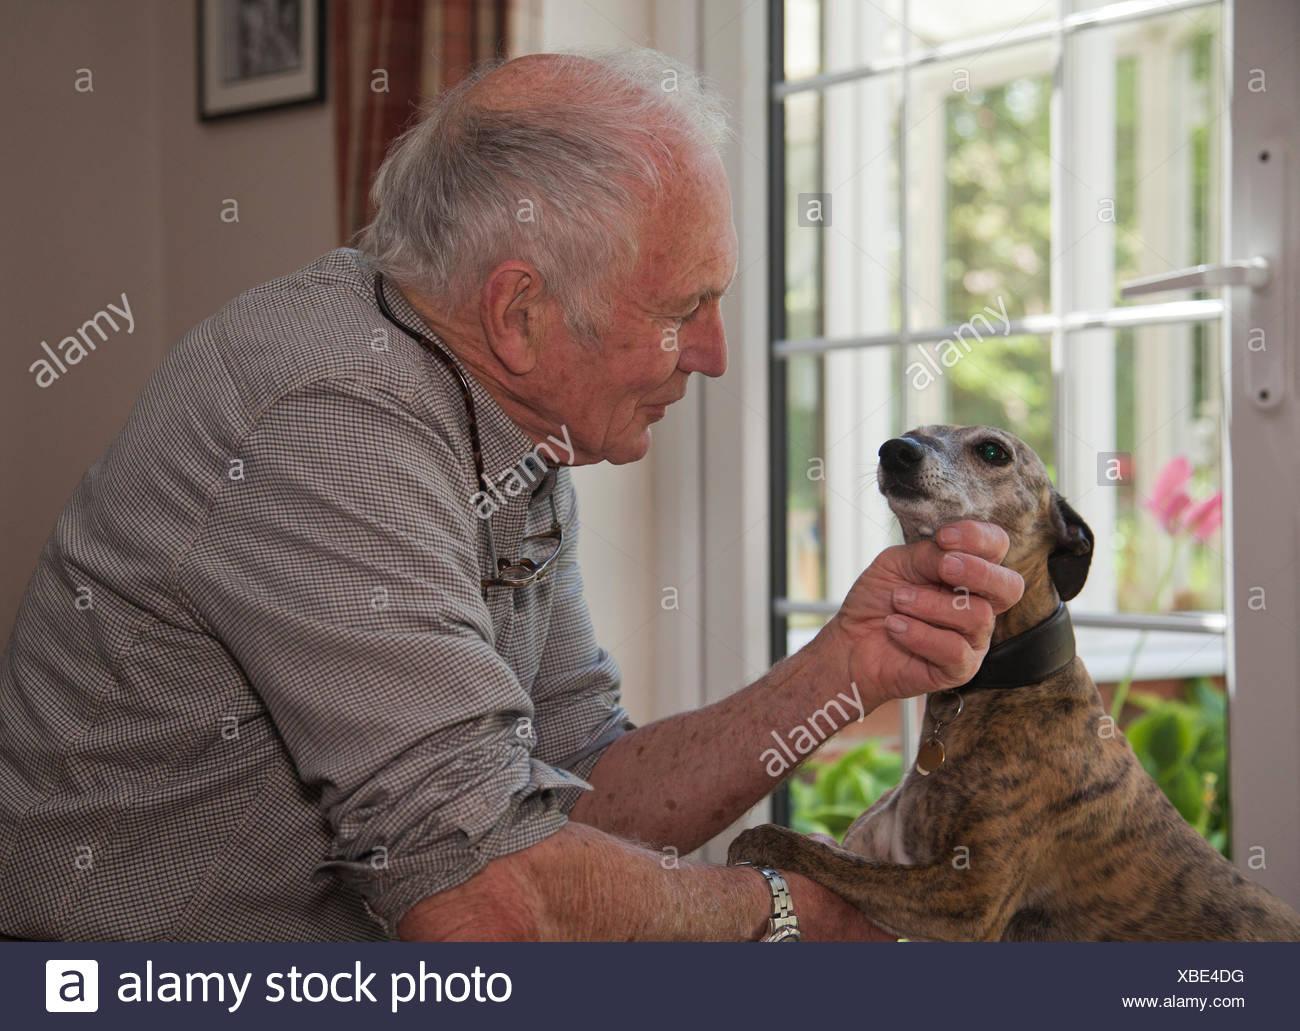 Senior man stroking pet dog - Stock Image